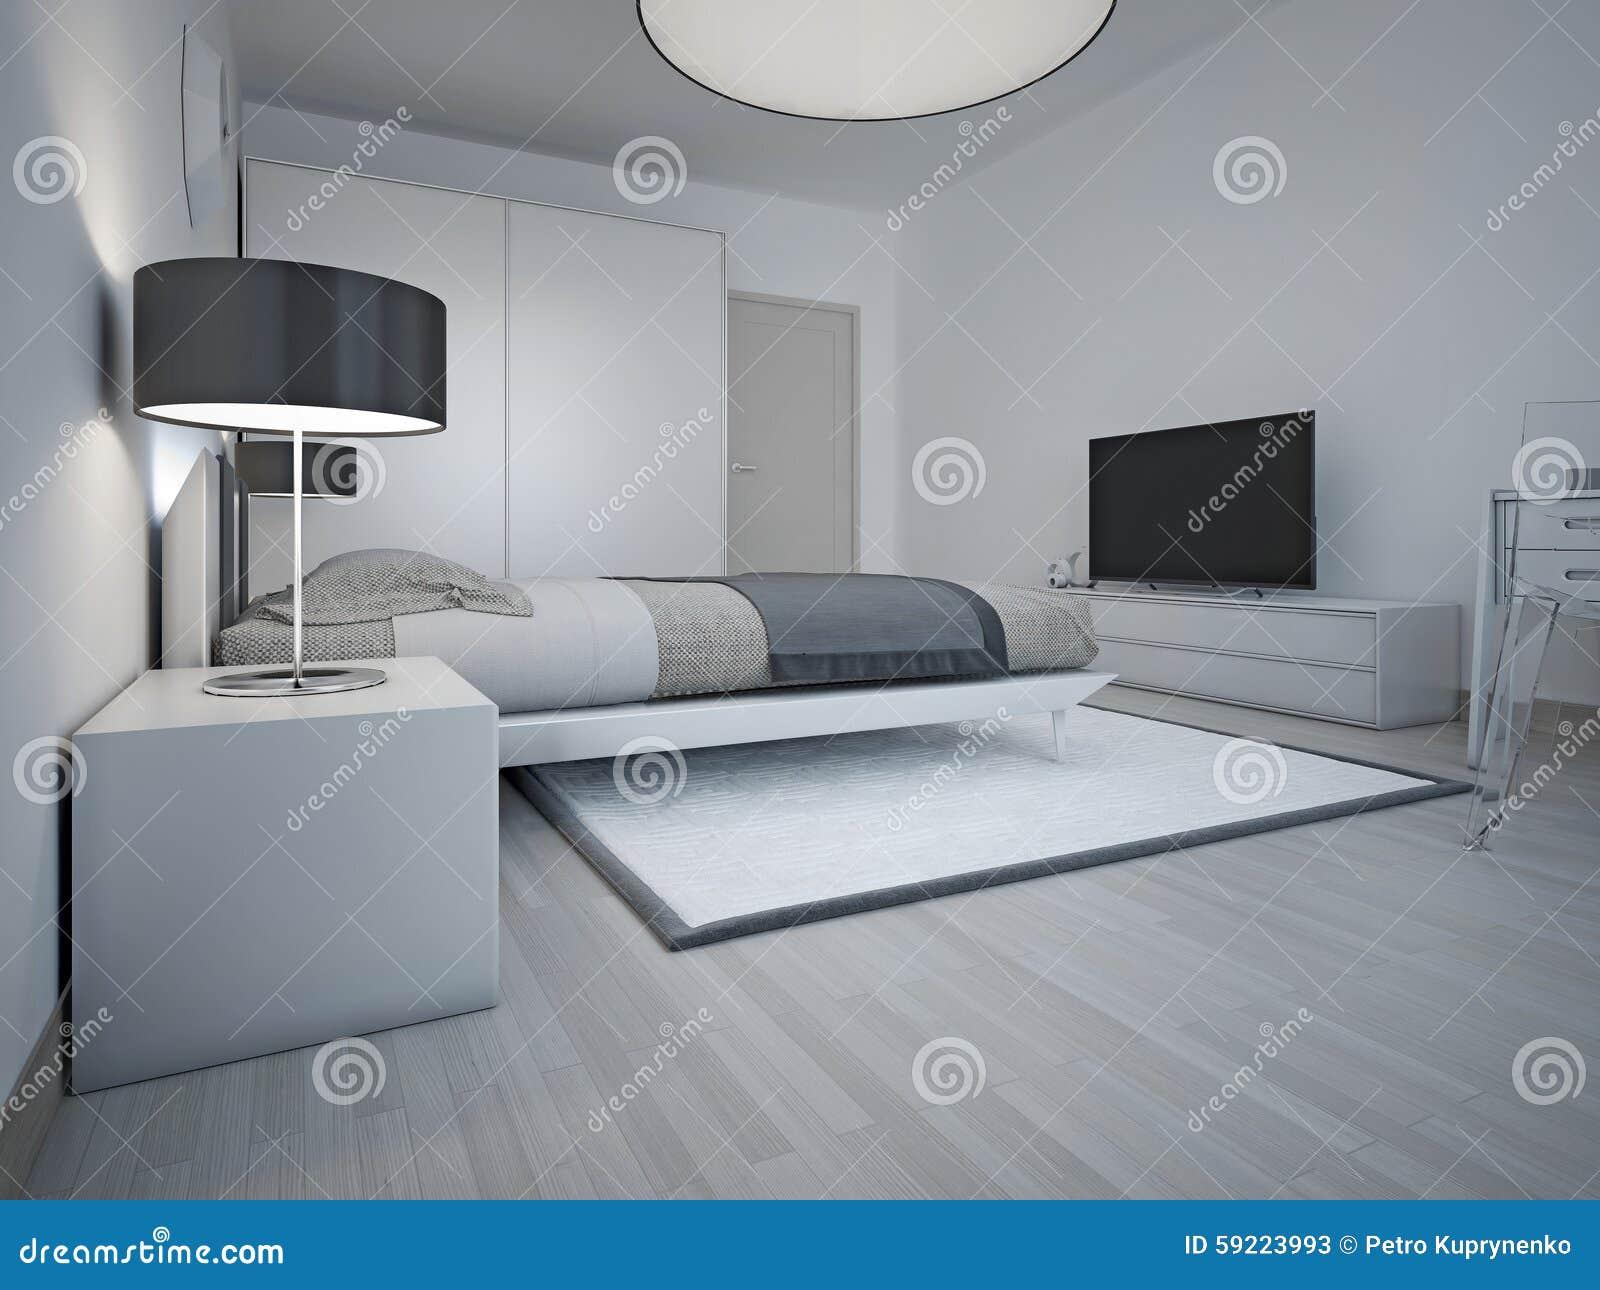 Idee van ruime moderne slaapkamer met grijze muren stock afbeelding afbeelding 59223993 - Foto van volwassen slaapkamer ...